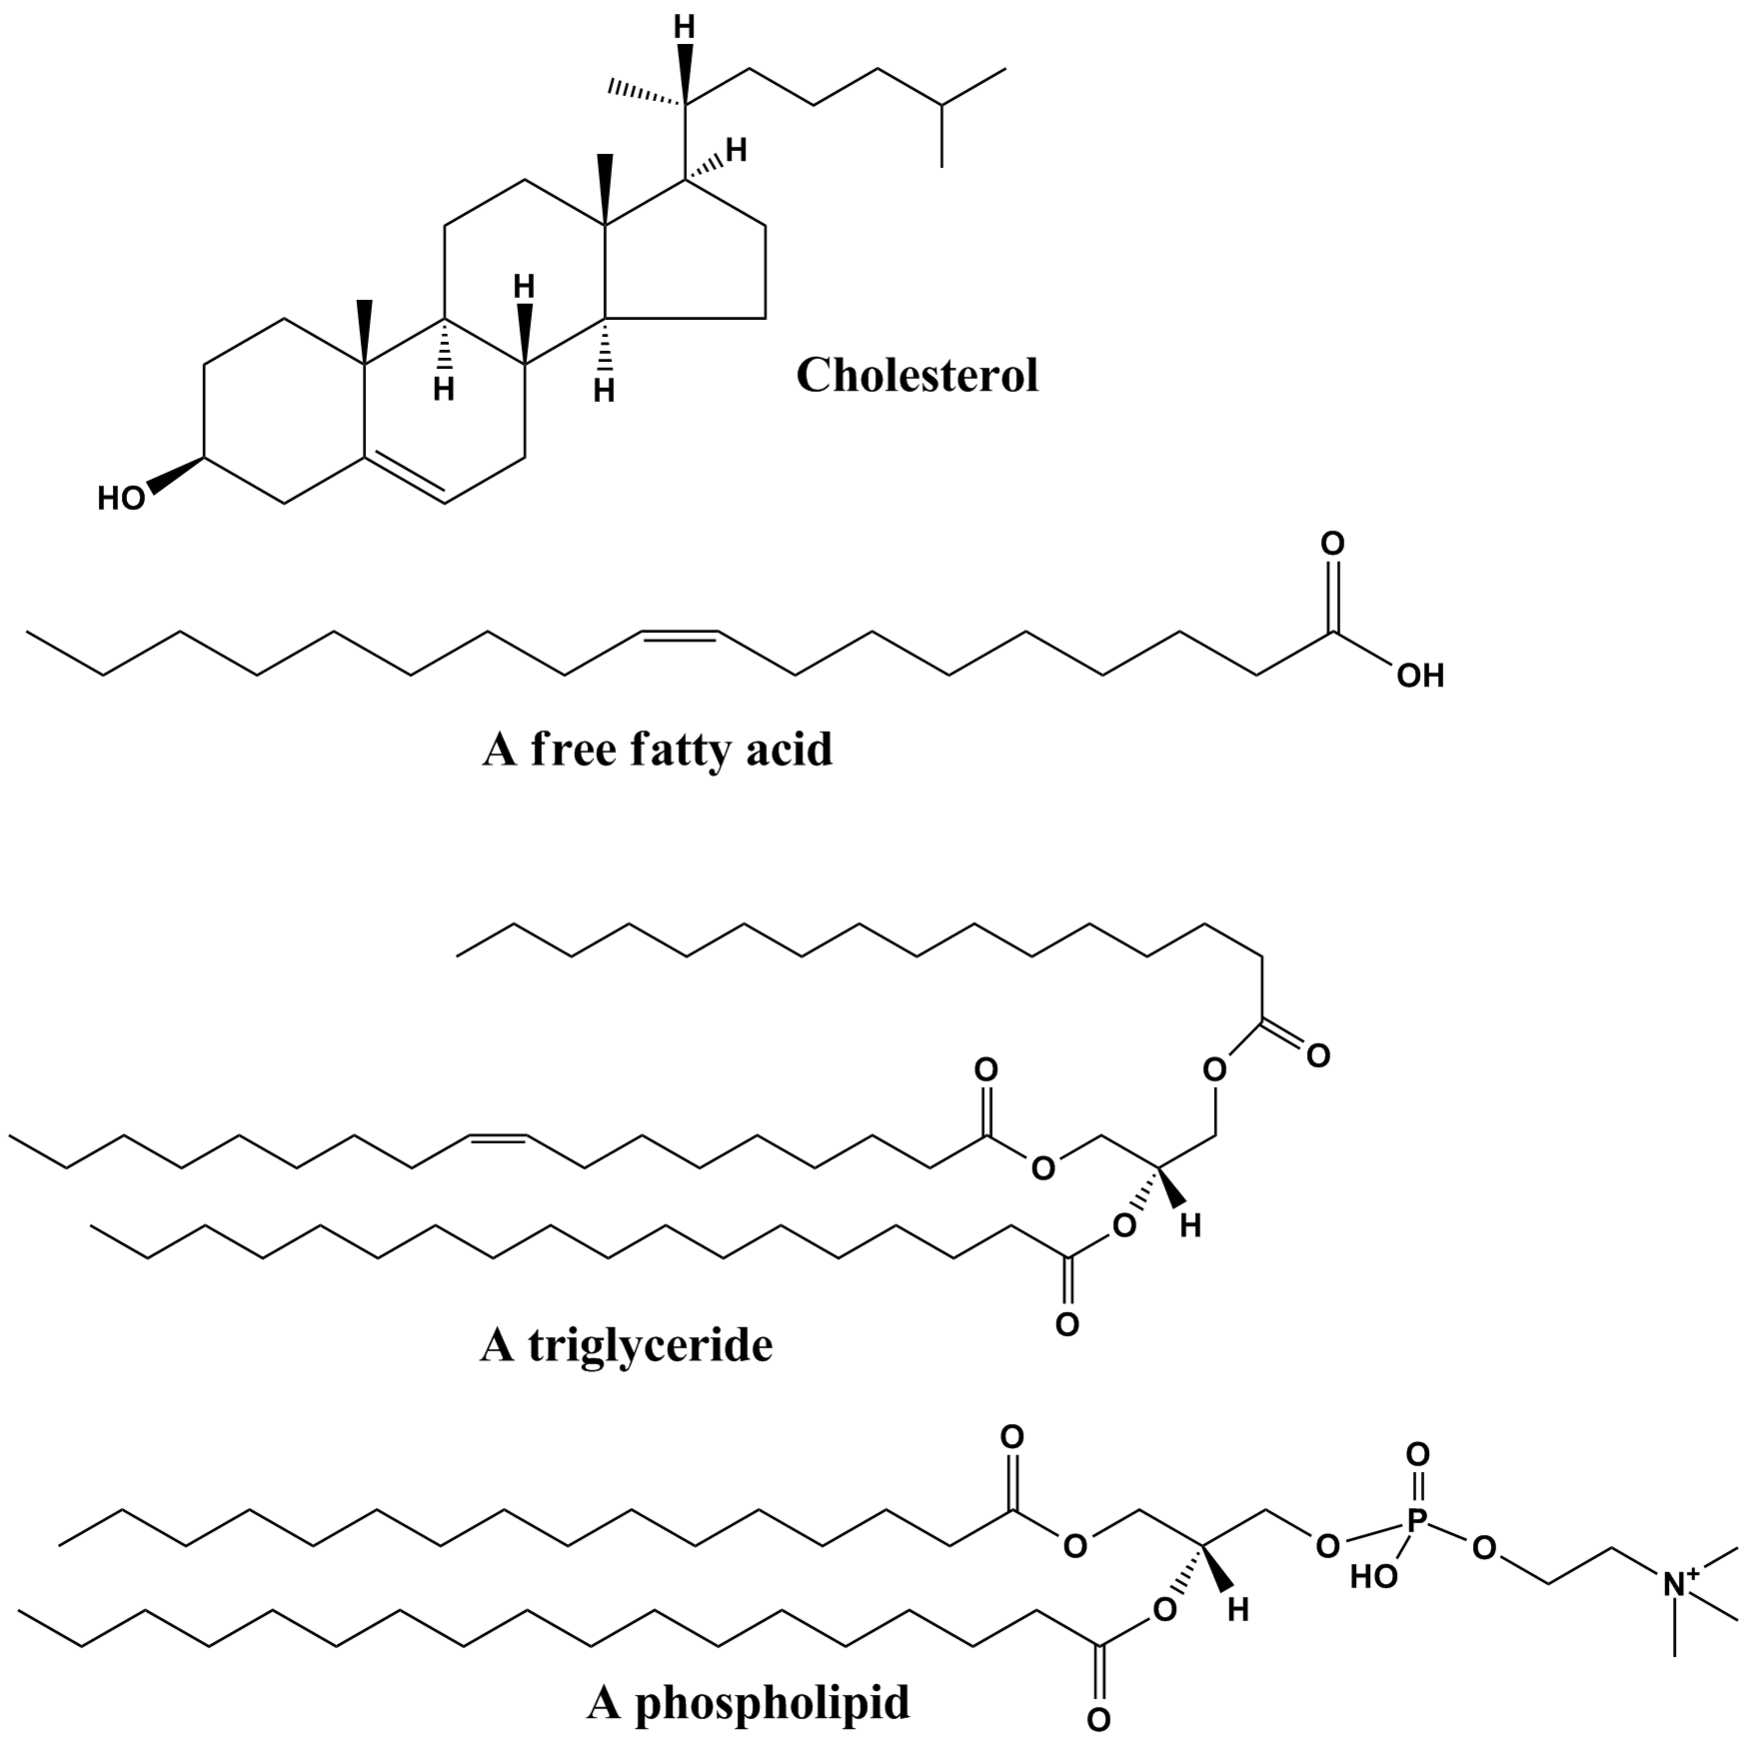 Lipid - Ang kumpletong impormasyon at online sale na may